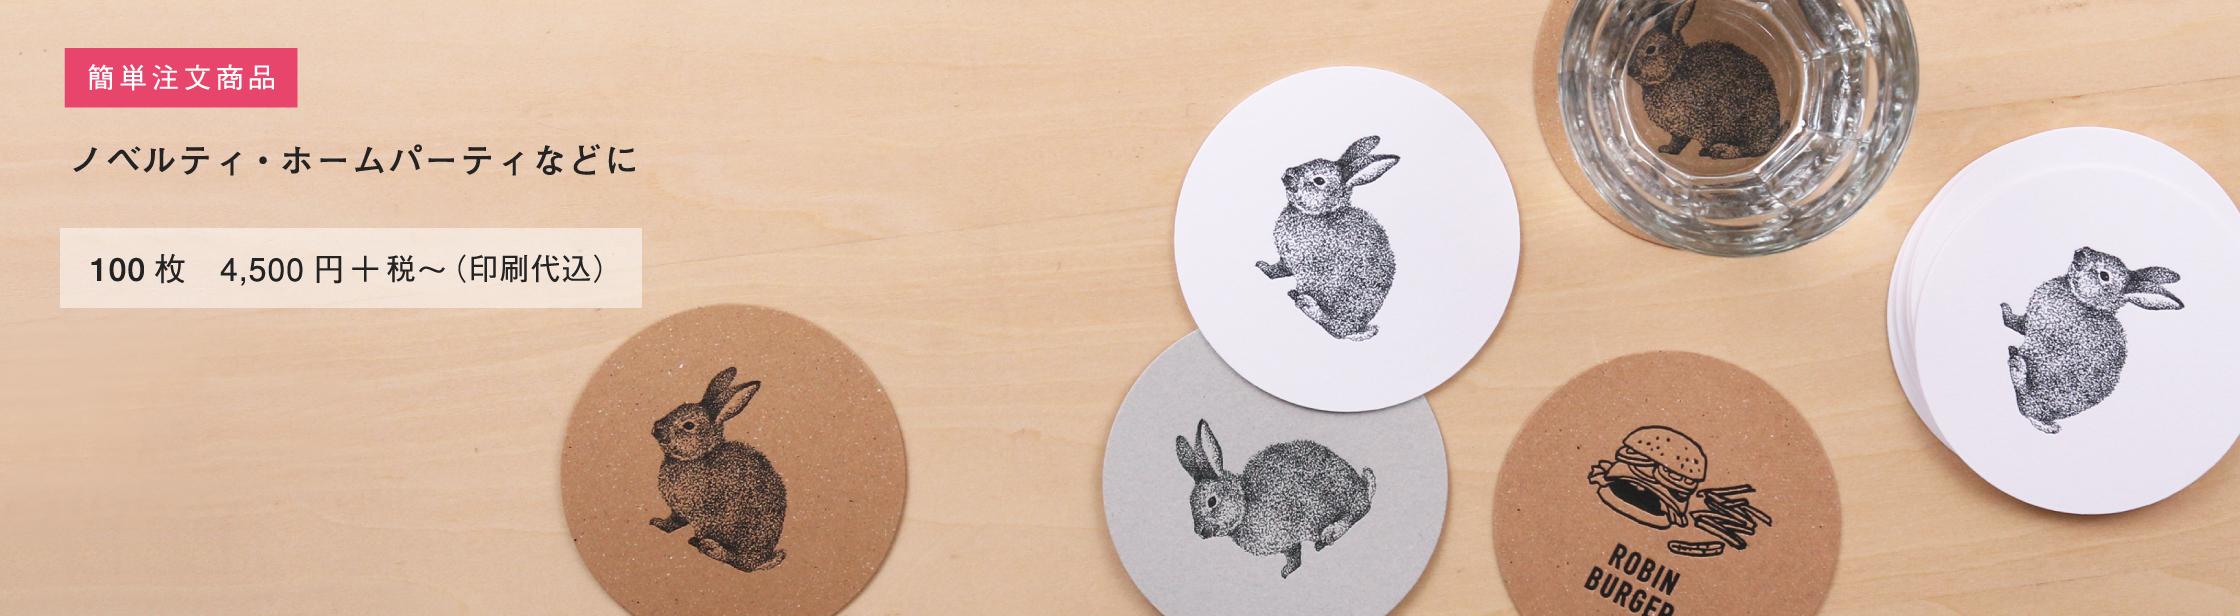 活版印刷で作る コースター